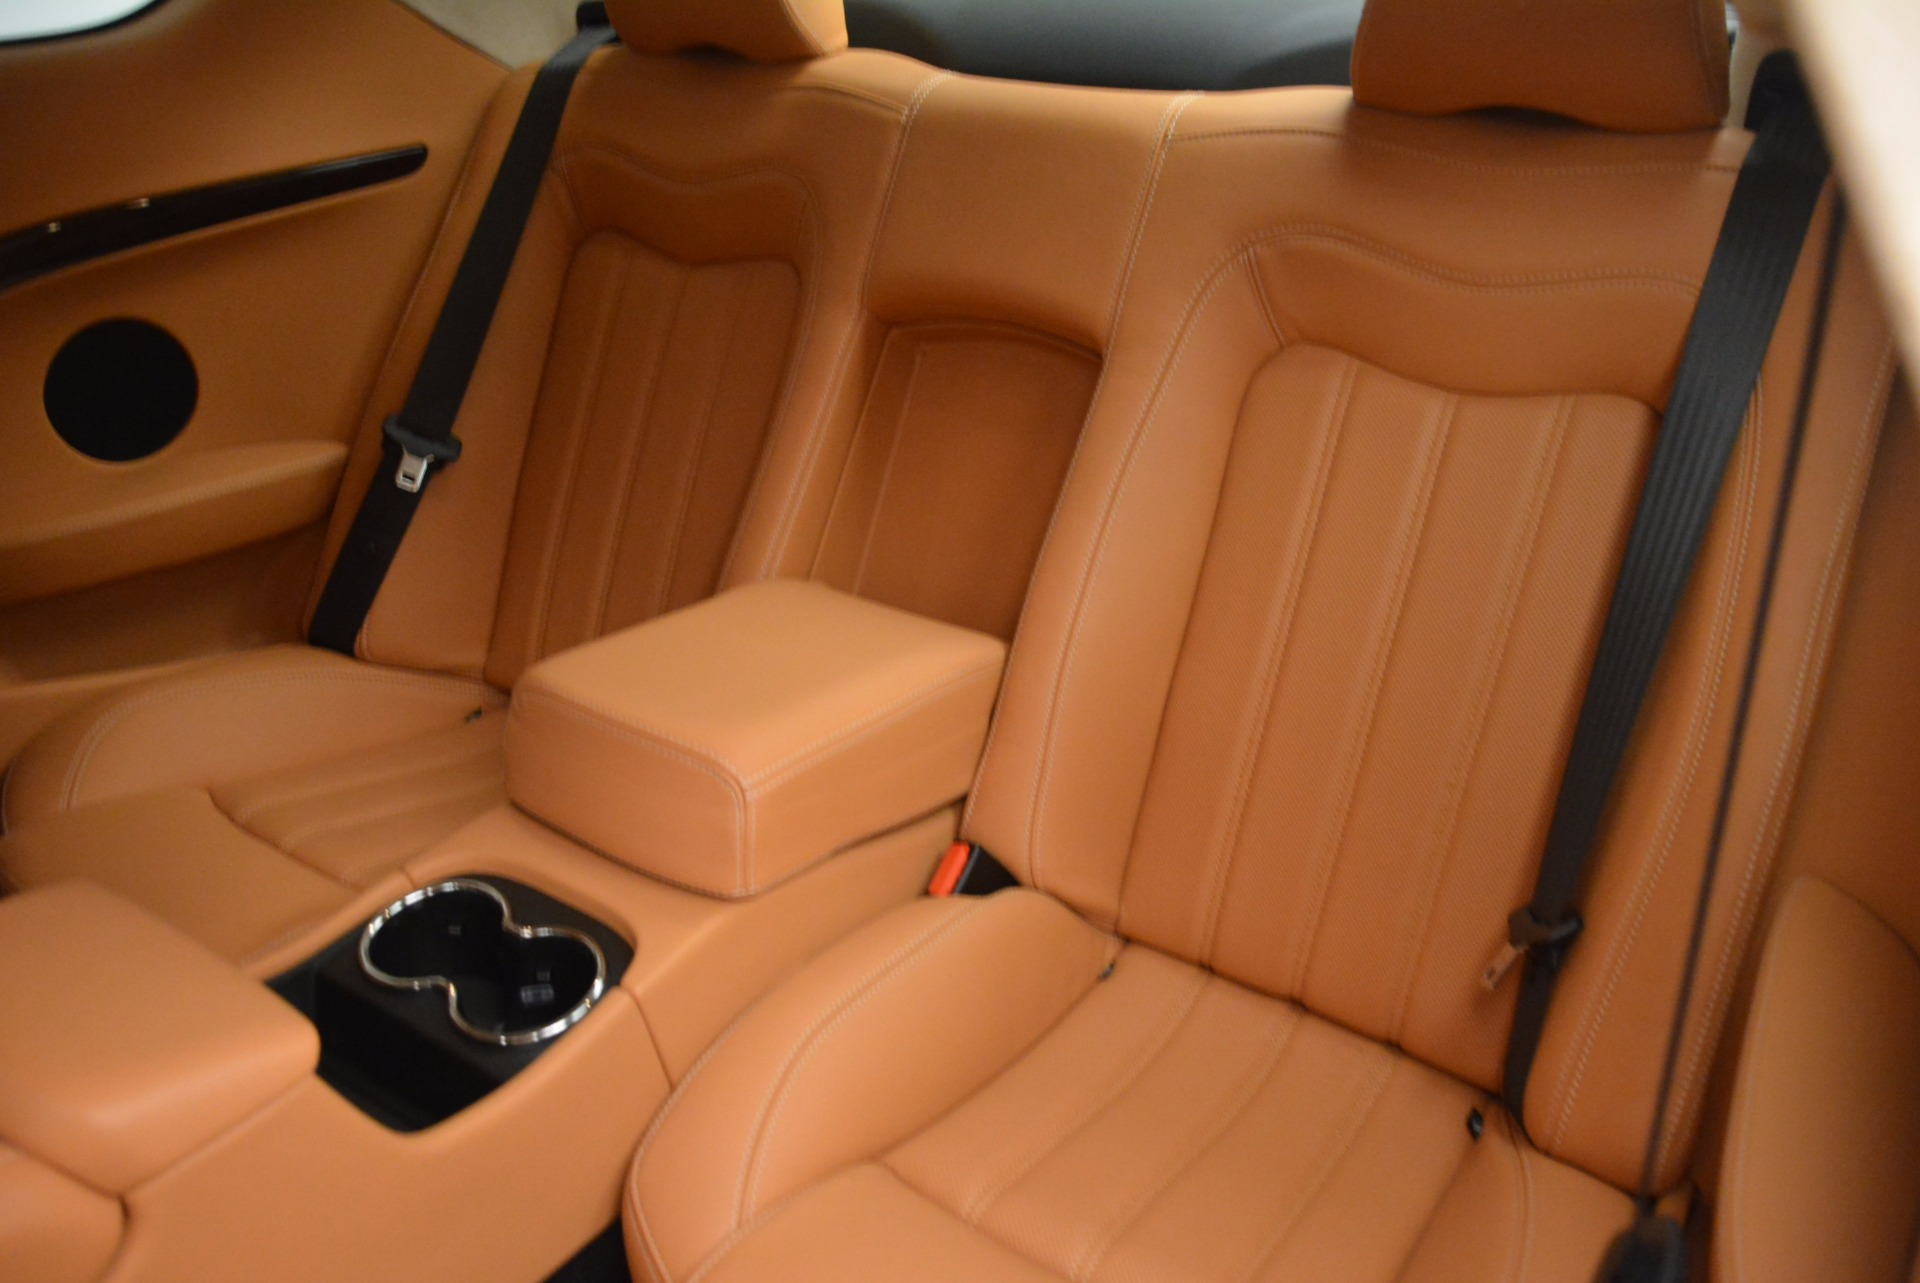 Used 2009 Maserati GranTurismo S For Sale In Greenwich, CT 1063_p16